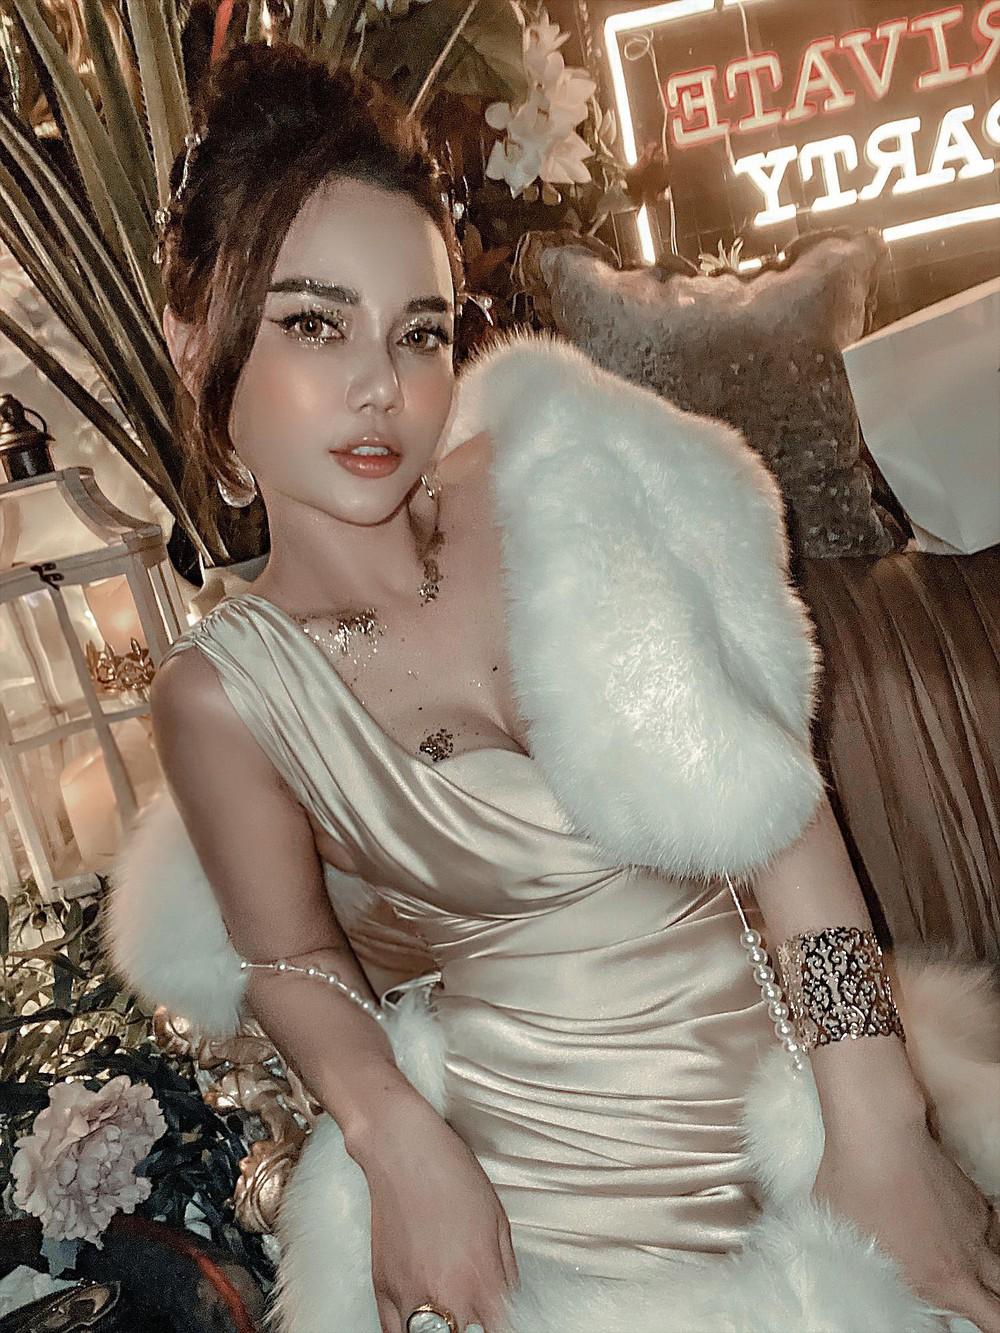 Nhan sắc nữ diễn viên Cả một đời ân oán Hồng Phương ở tuổi 38 - Ảnh 2.